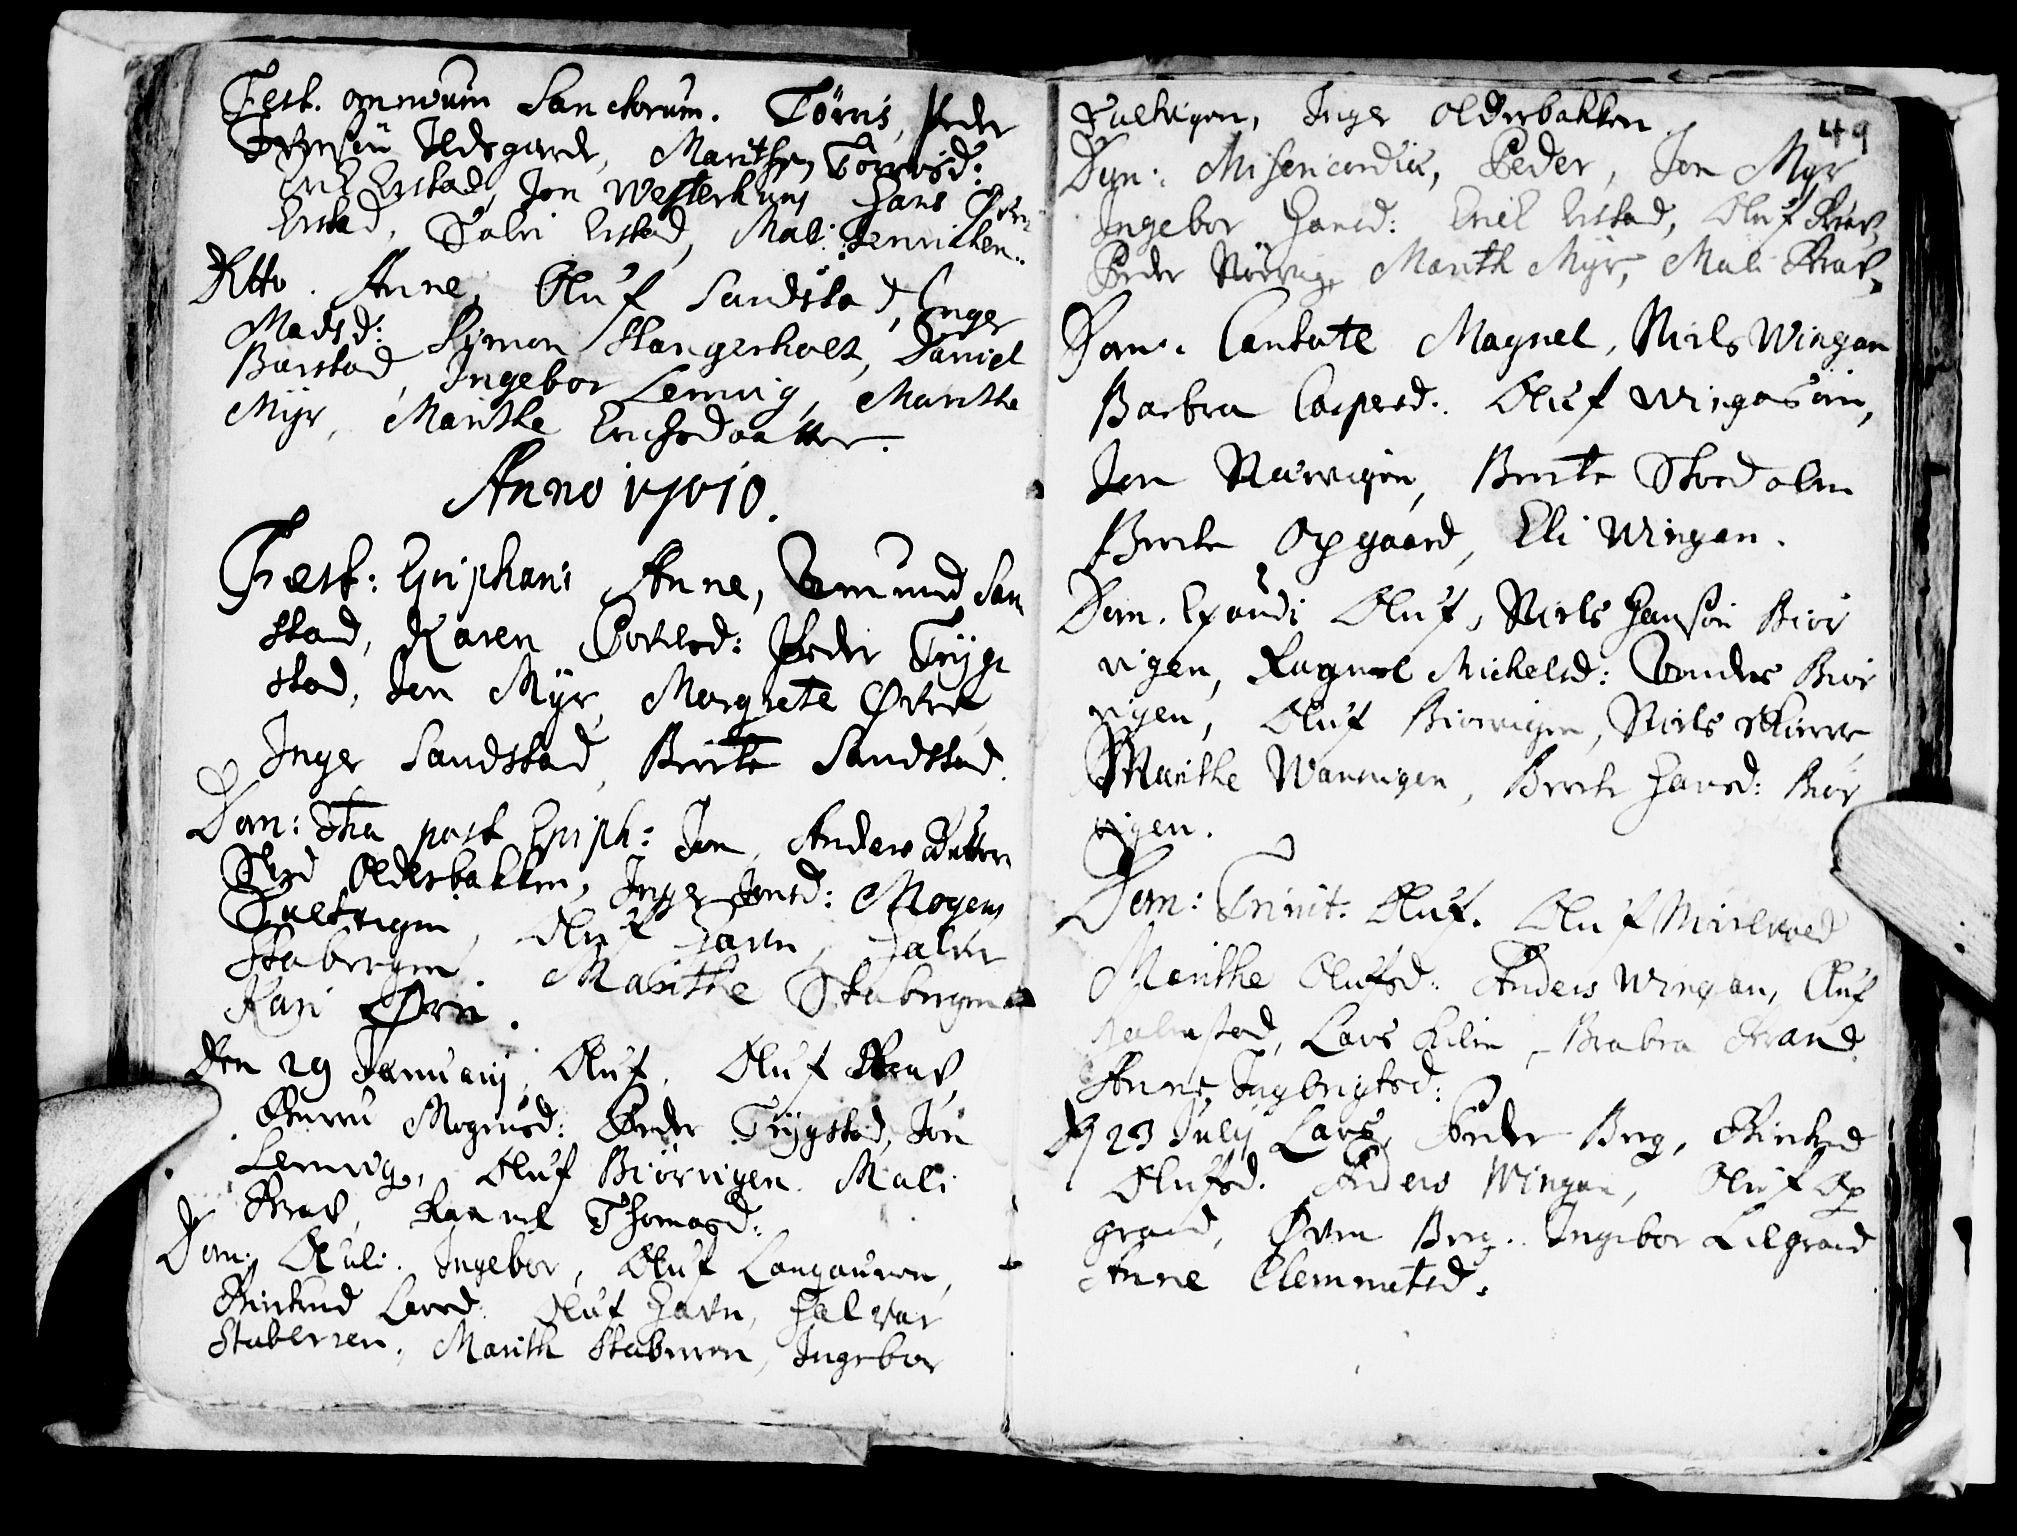 SAT, Ministerialprotokoller, klokkerbøker og fødselsregistre - Nord-Trøndelag, 722/L0214: Ministerialbok nr. 722A01, 1692-1718, s. 49